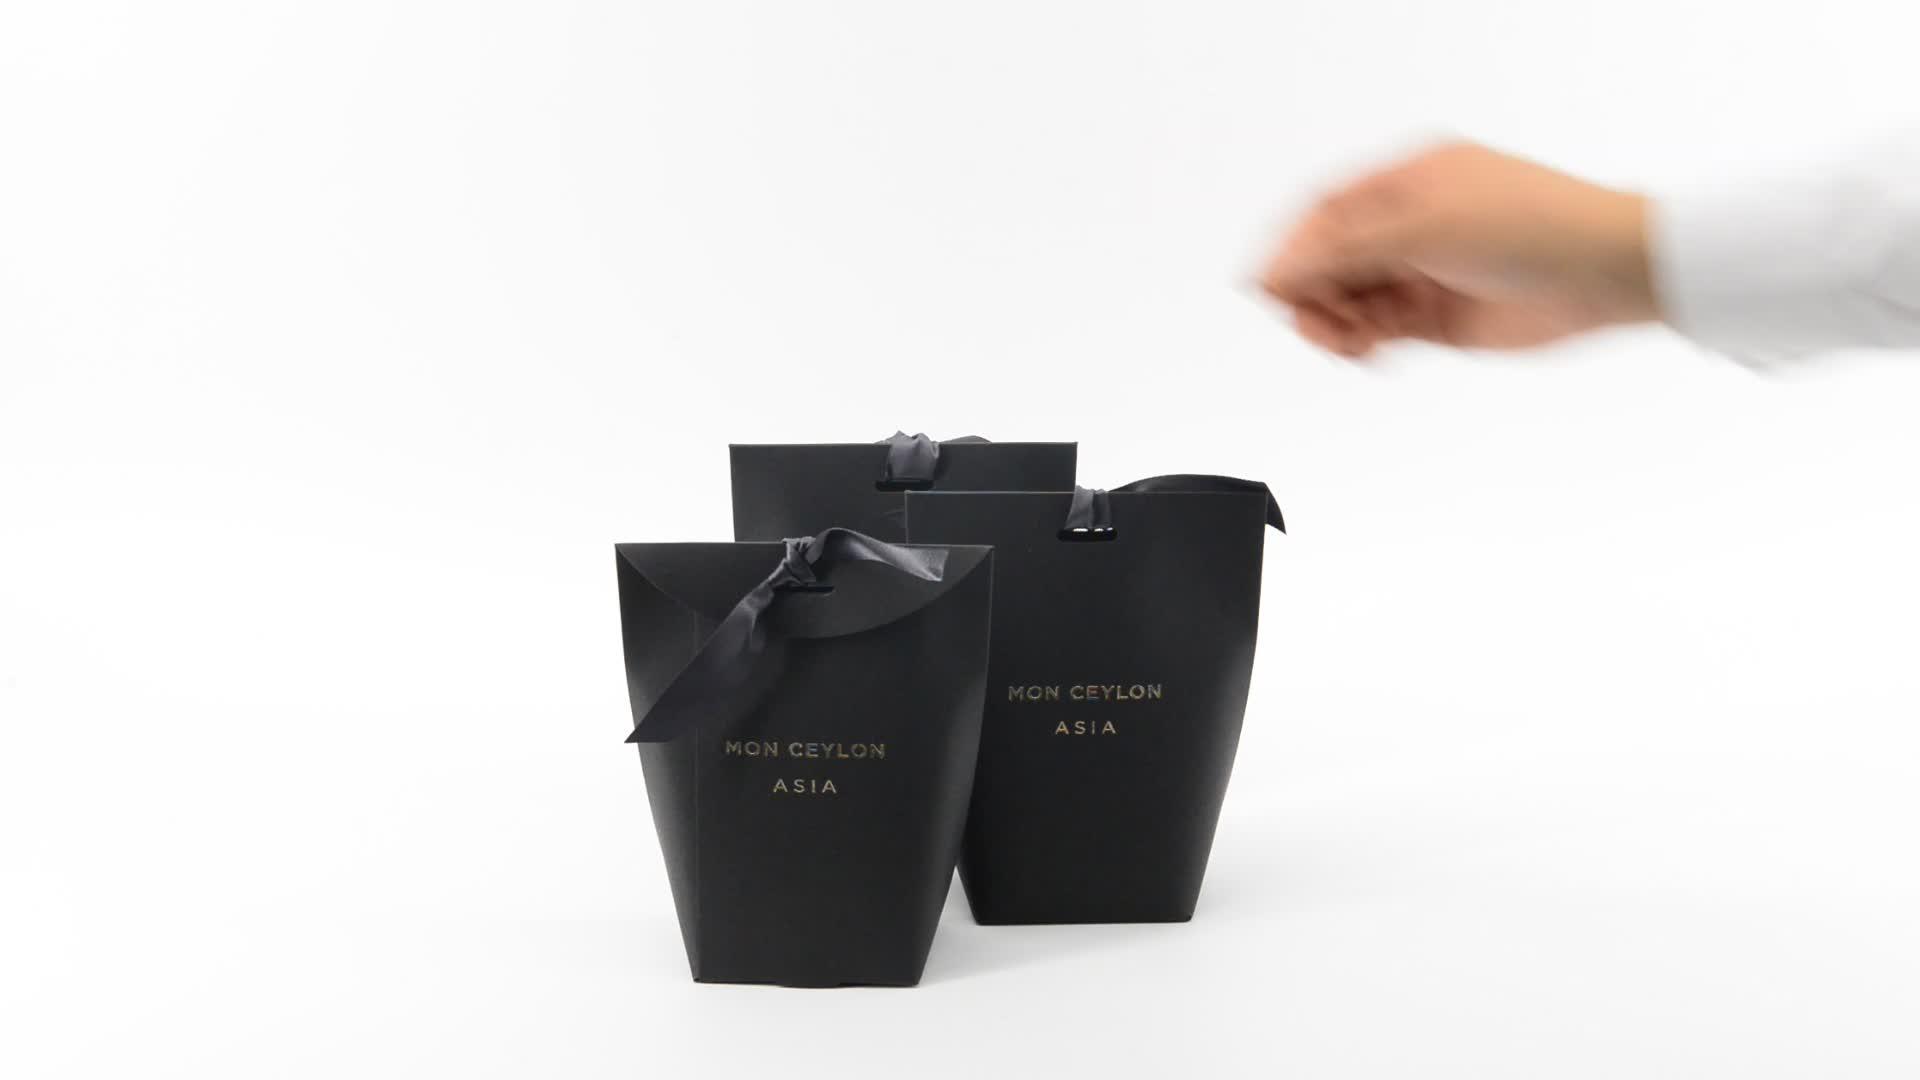 Merci Small 종이 포장 Tie 상자 호의 웨딩 Candy Gift box